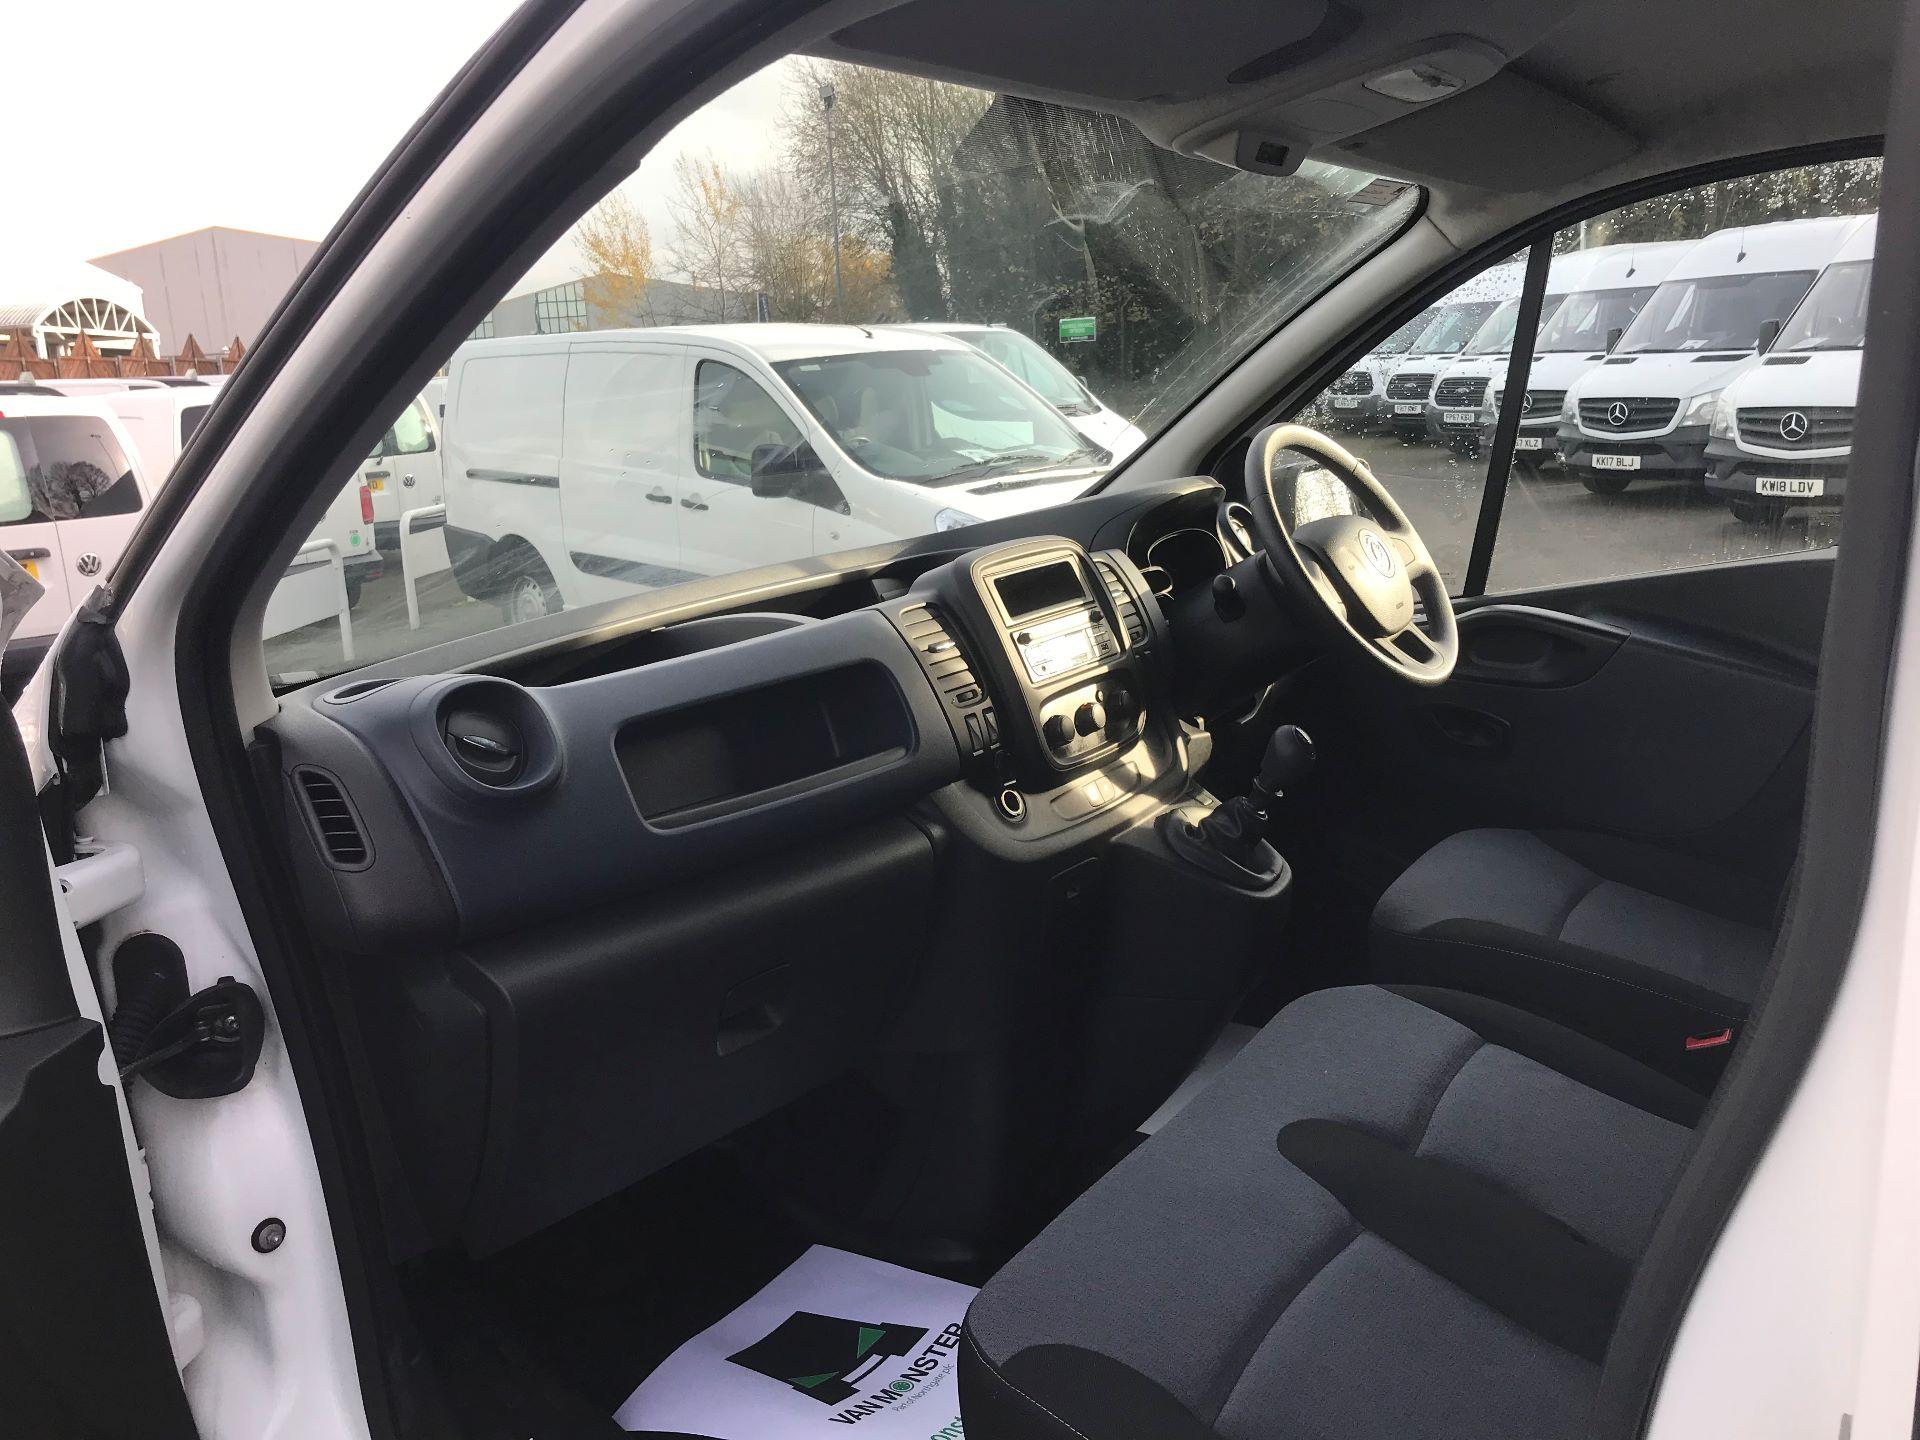 2017 Vauxhall Vivaro L2 H1 2900 1.6CDTI 120PS EURO 6 (DV67LVD) Image 15